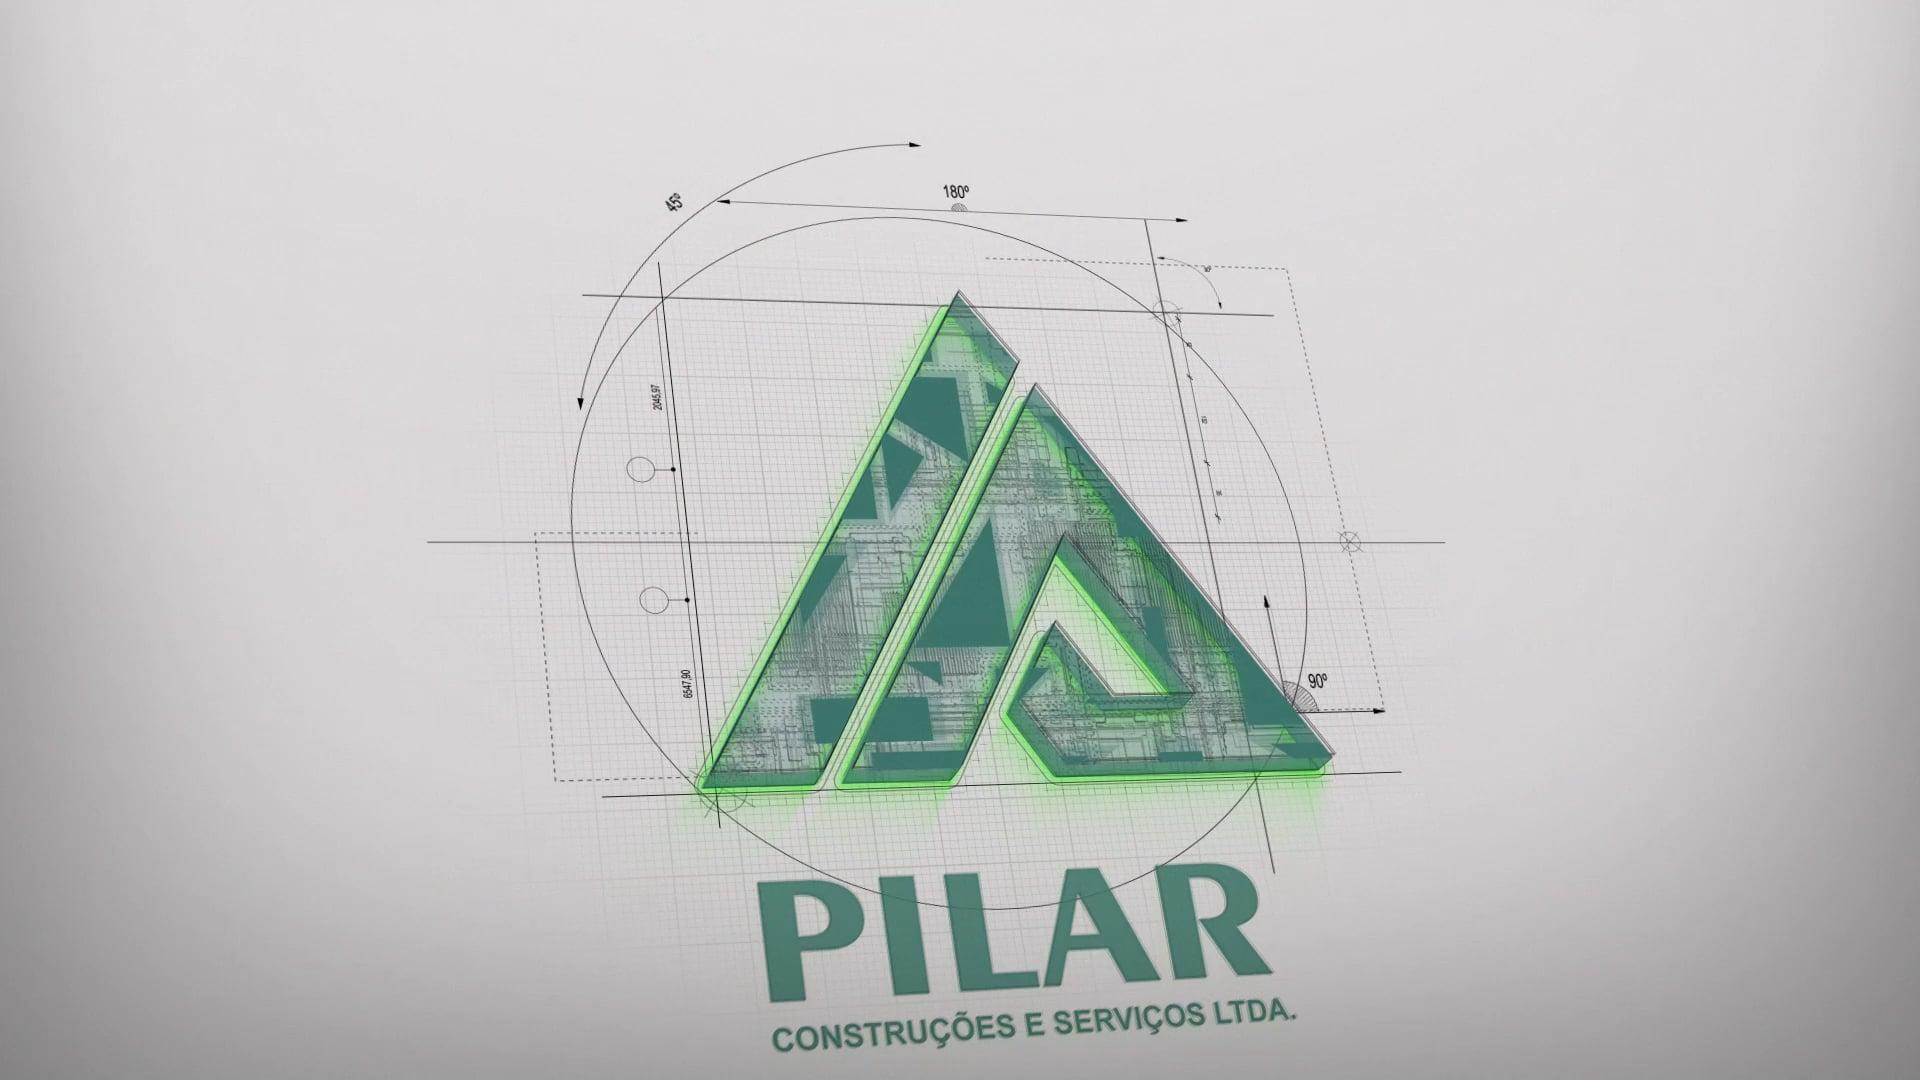 Pilar - Construção e Serviços